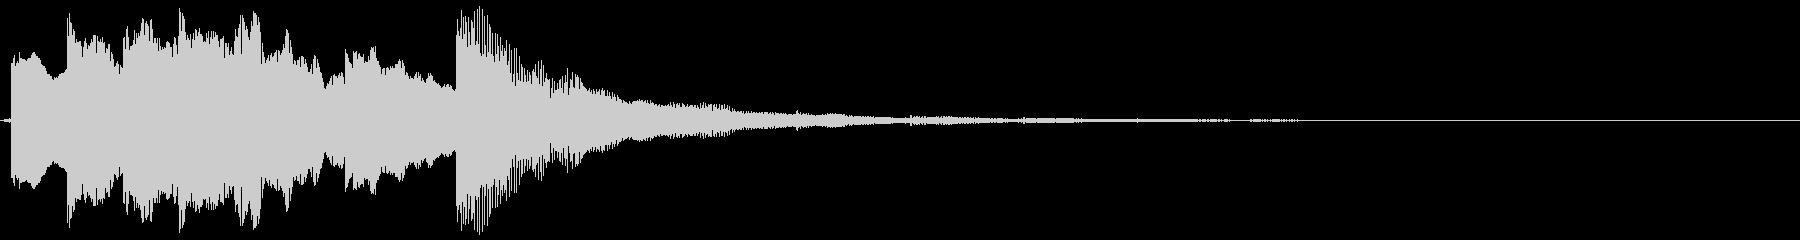 デジタルなトイ ピアノっぽいサウンドロゴの未再生の波形